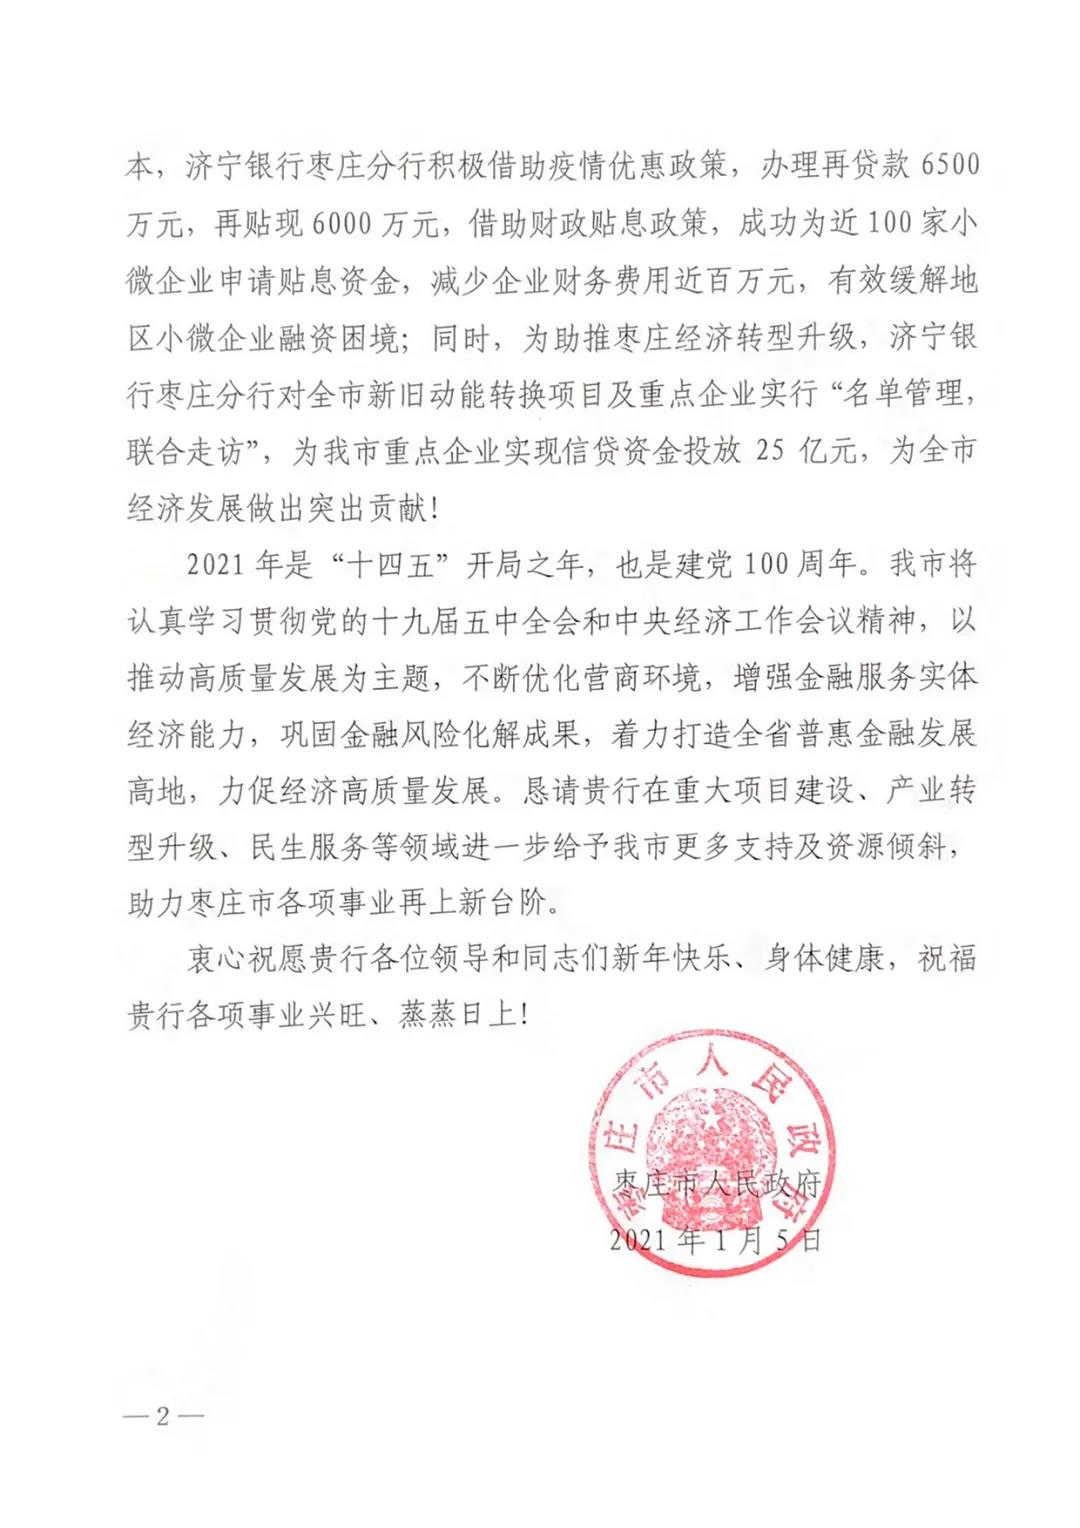 枣庄市人民政府致函济宁银行,感谢对枣庄市改革发展的鼎力支持